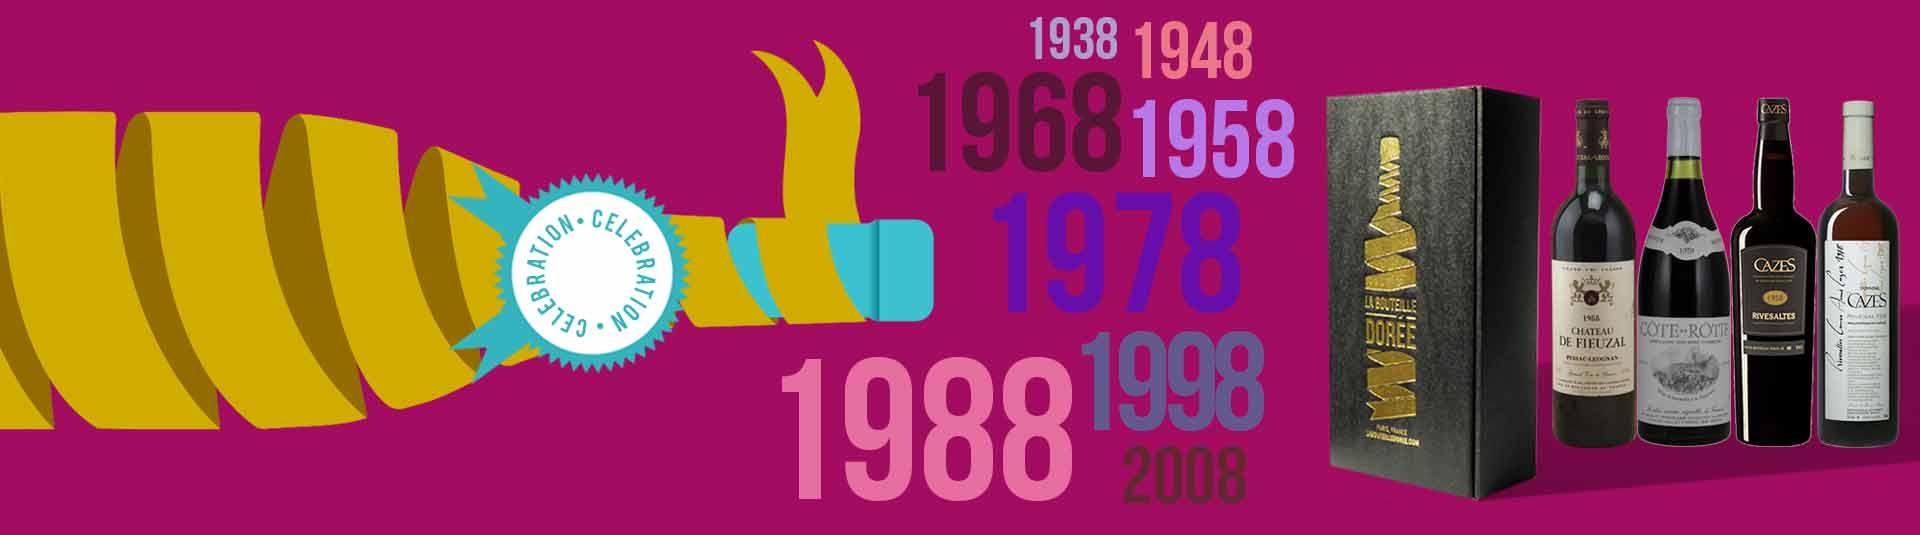 Vins de millésimes en 8 : 1928, 1938, 1948, 1958, 1968, 1978, 1988, 1998, 2008